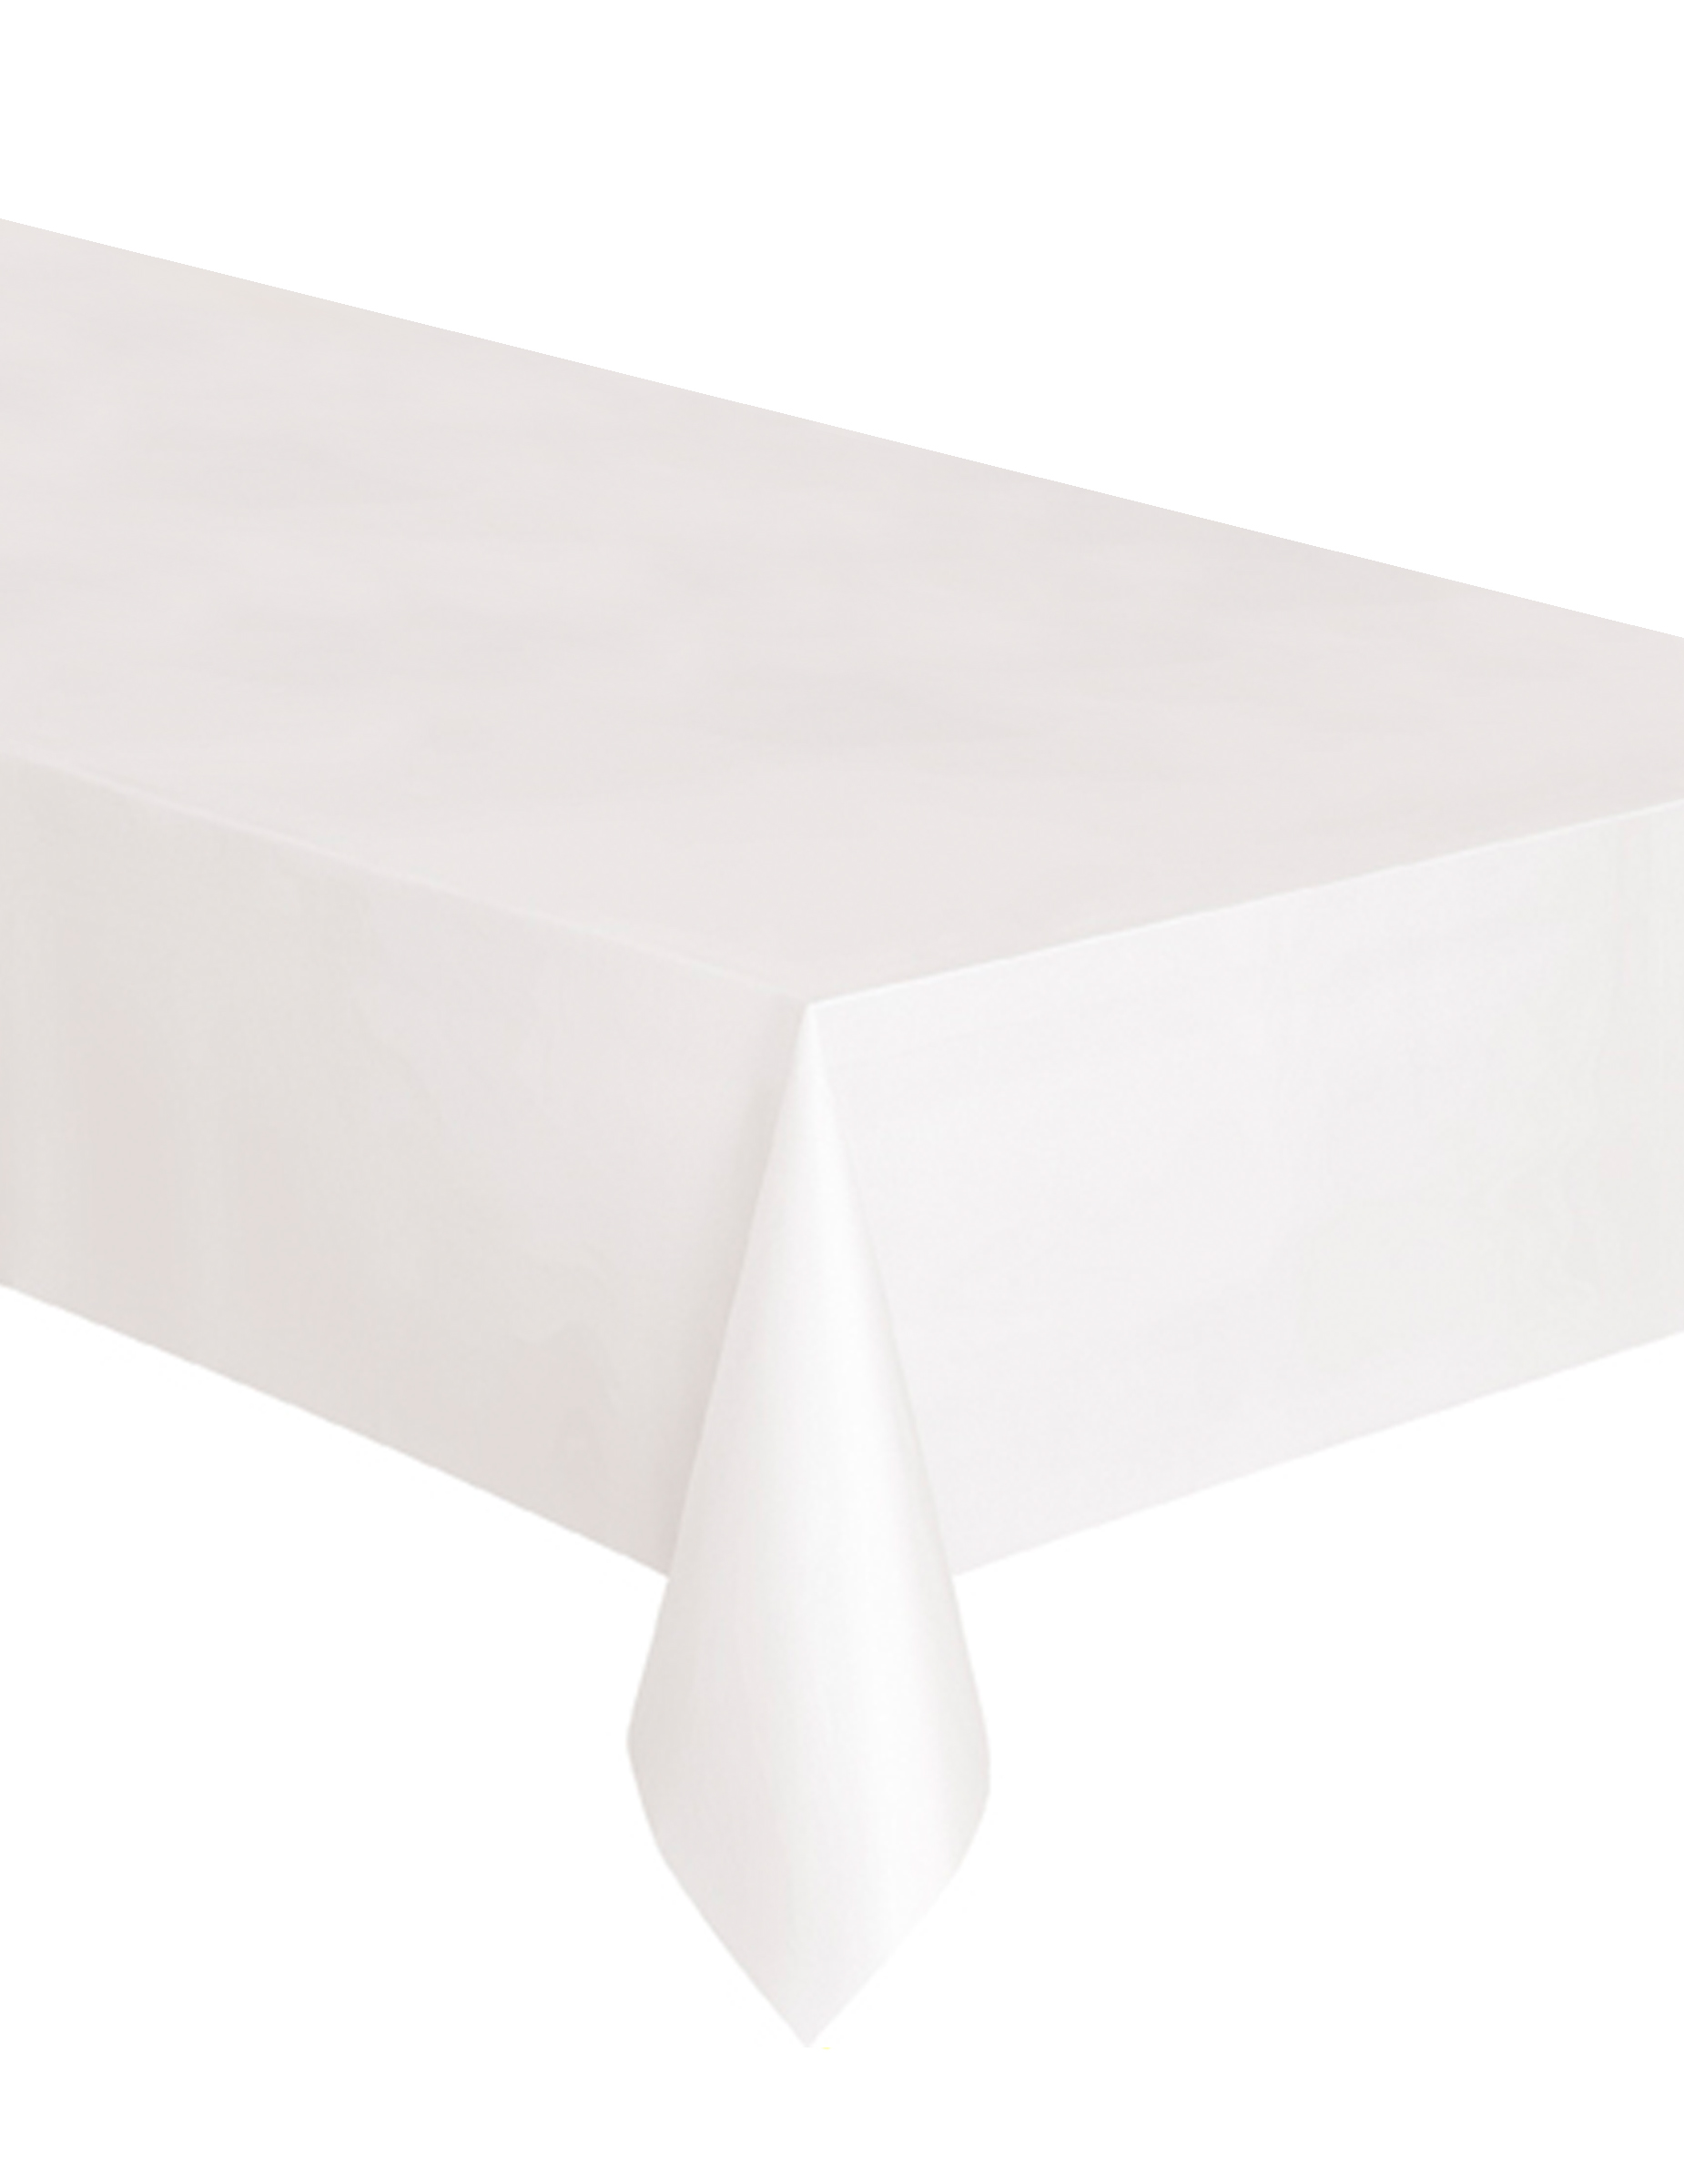 nappe rectangulaire en plastique blanche 137 x 274 cm. Black Bedroom Furniture Sets. Home Design Ideas